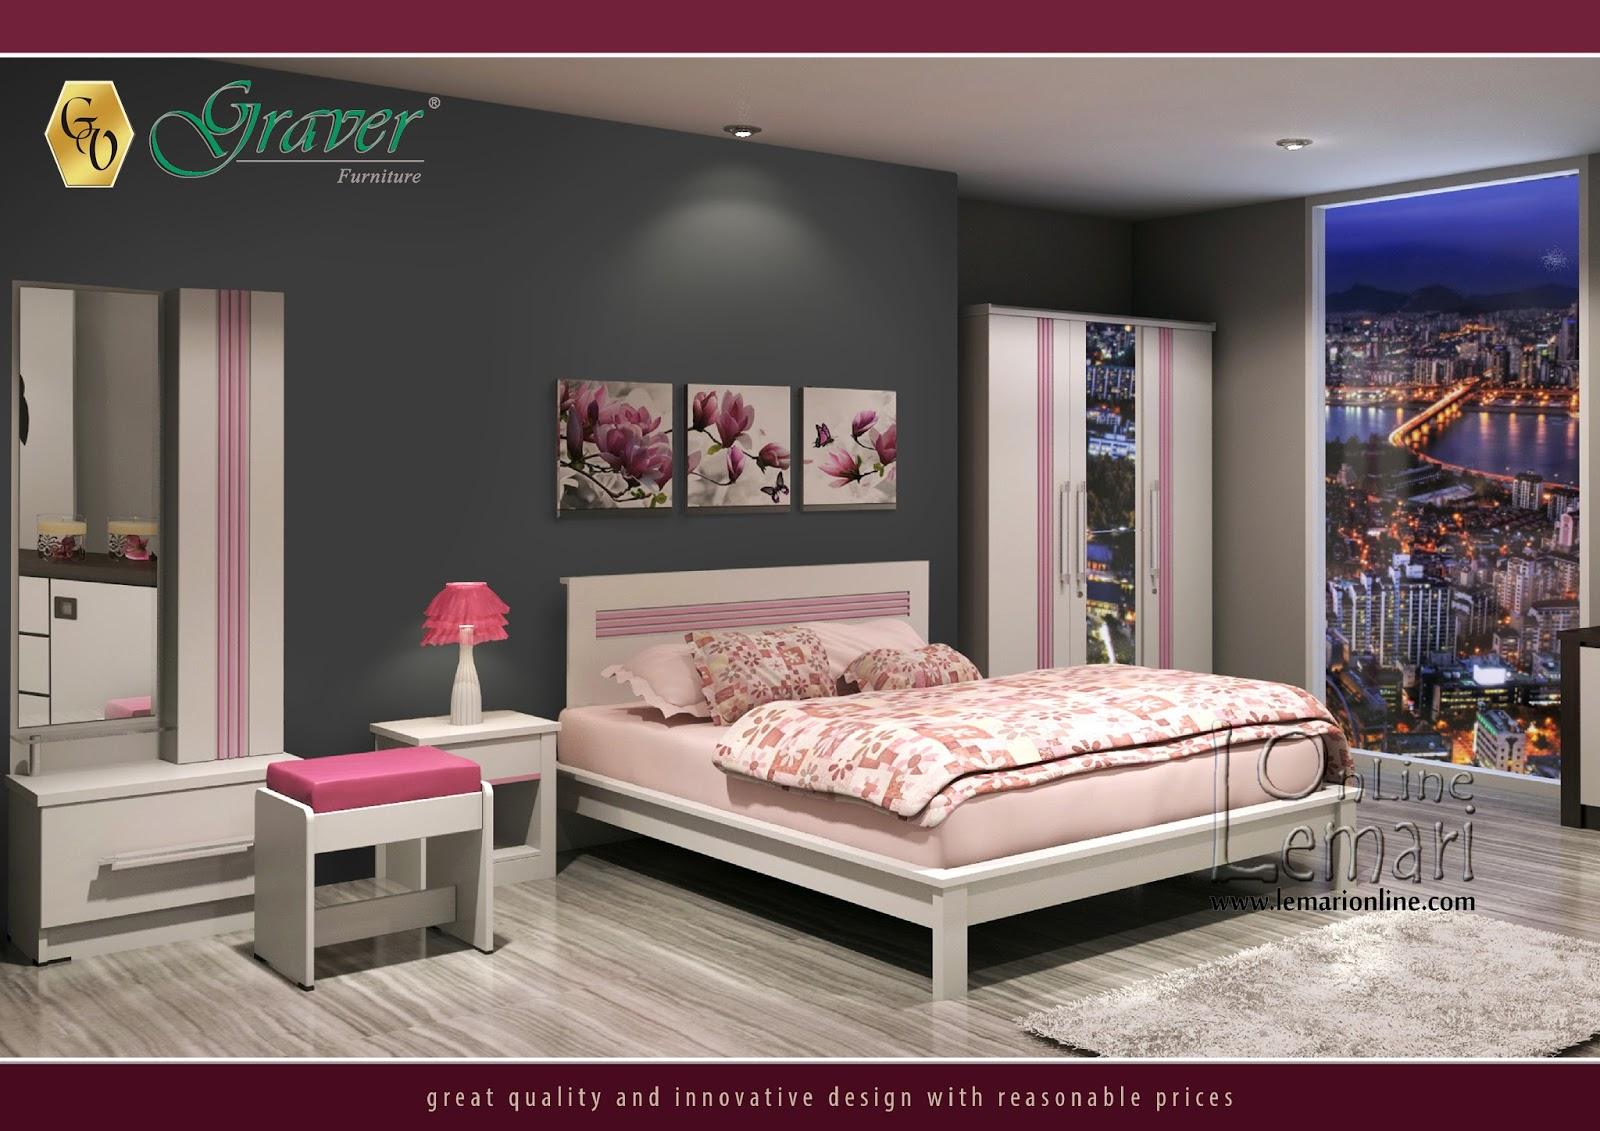 Kebersihan ruangan bisa terpancar elegant melalui warna yang cerah